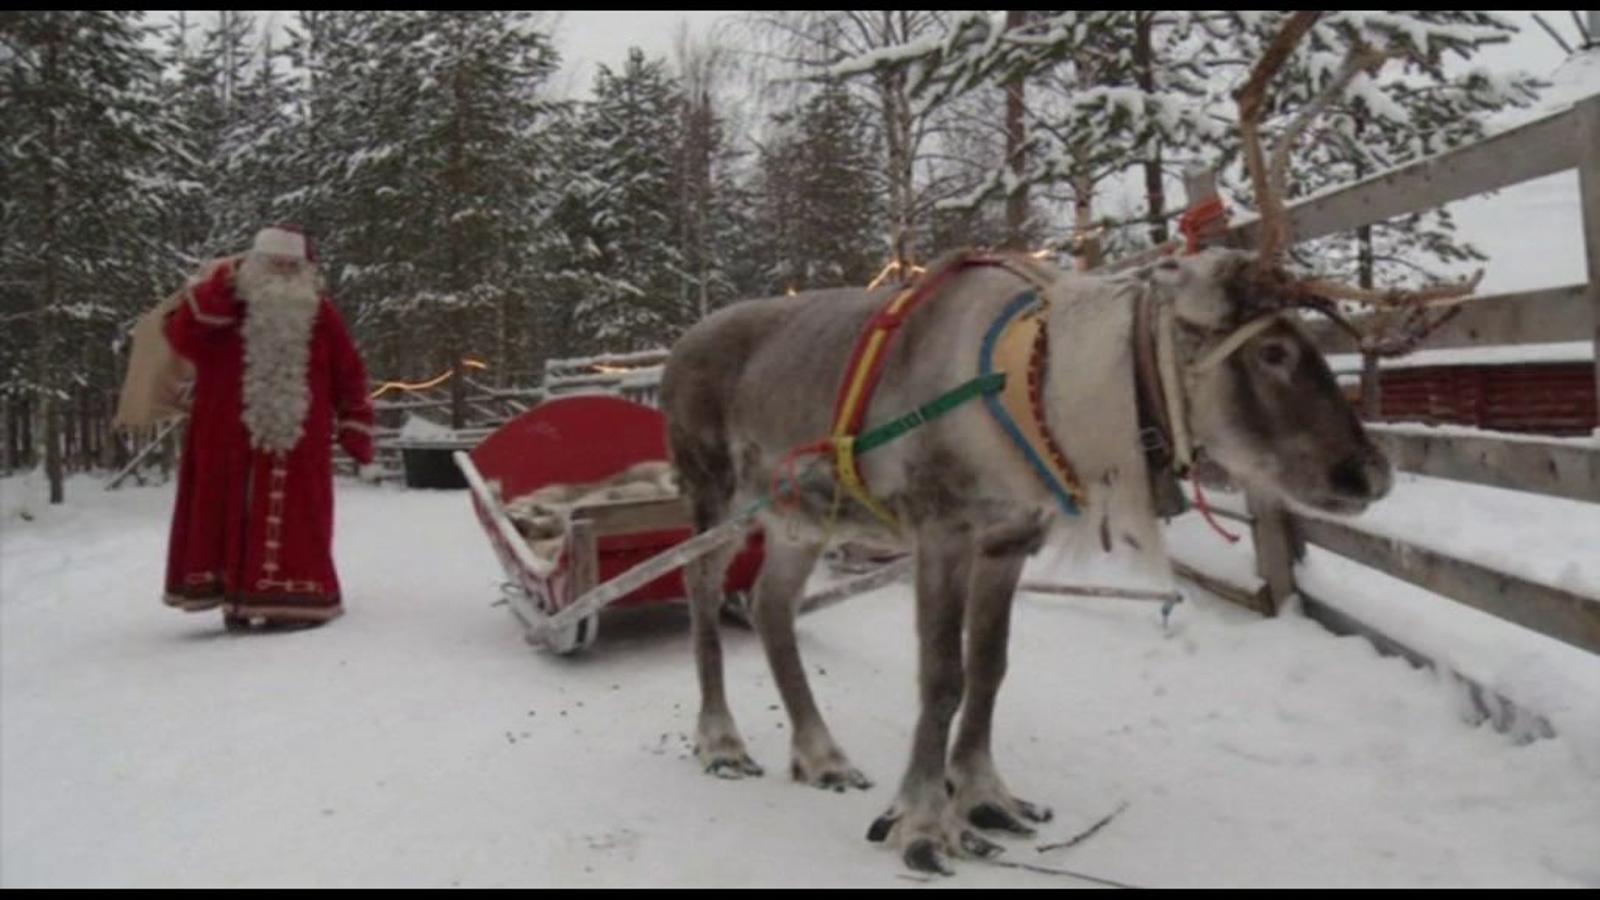 El pare Noel ja ha sortit de Finlàndia carregat de regals